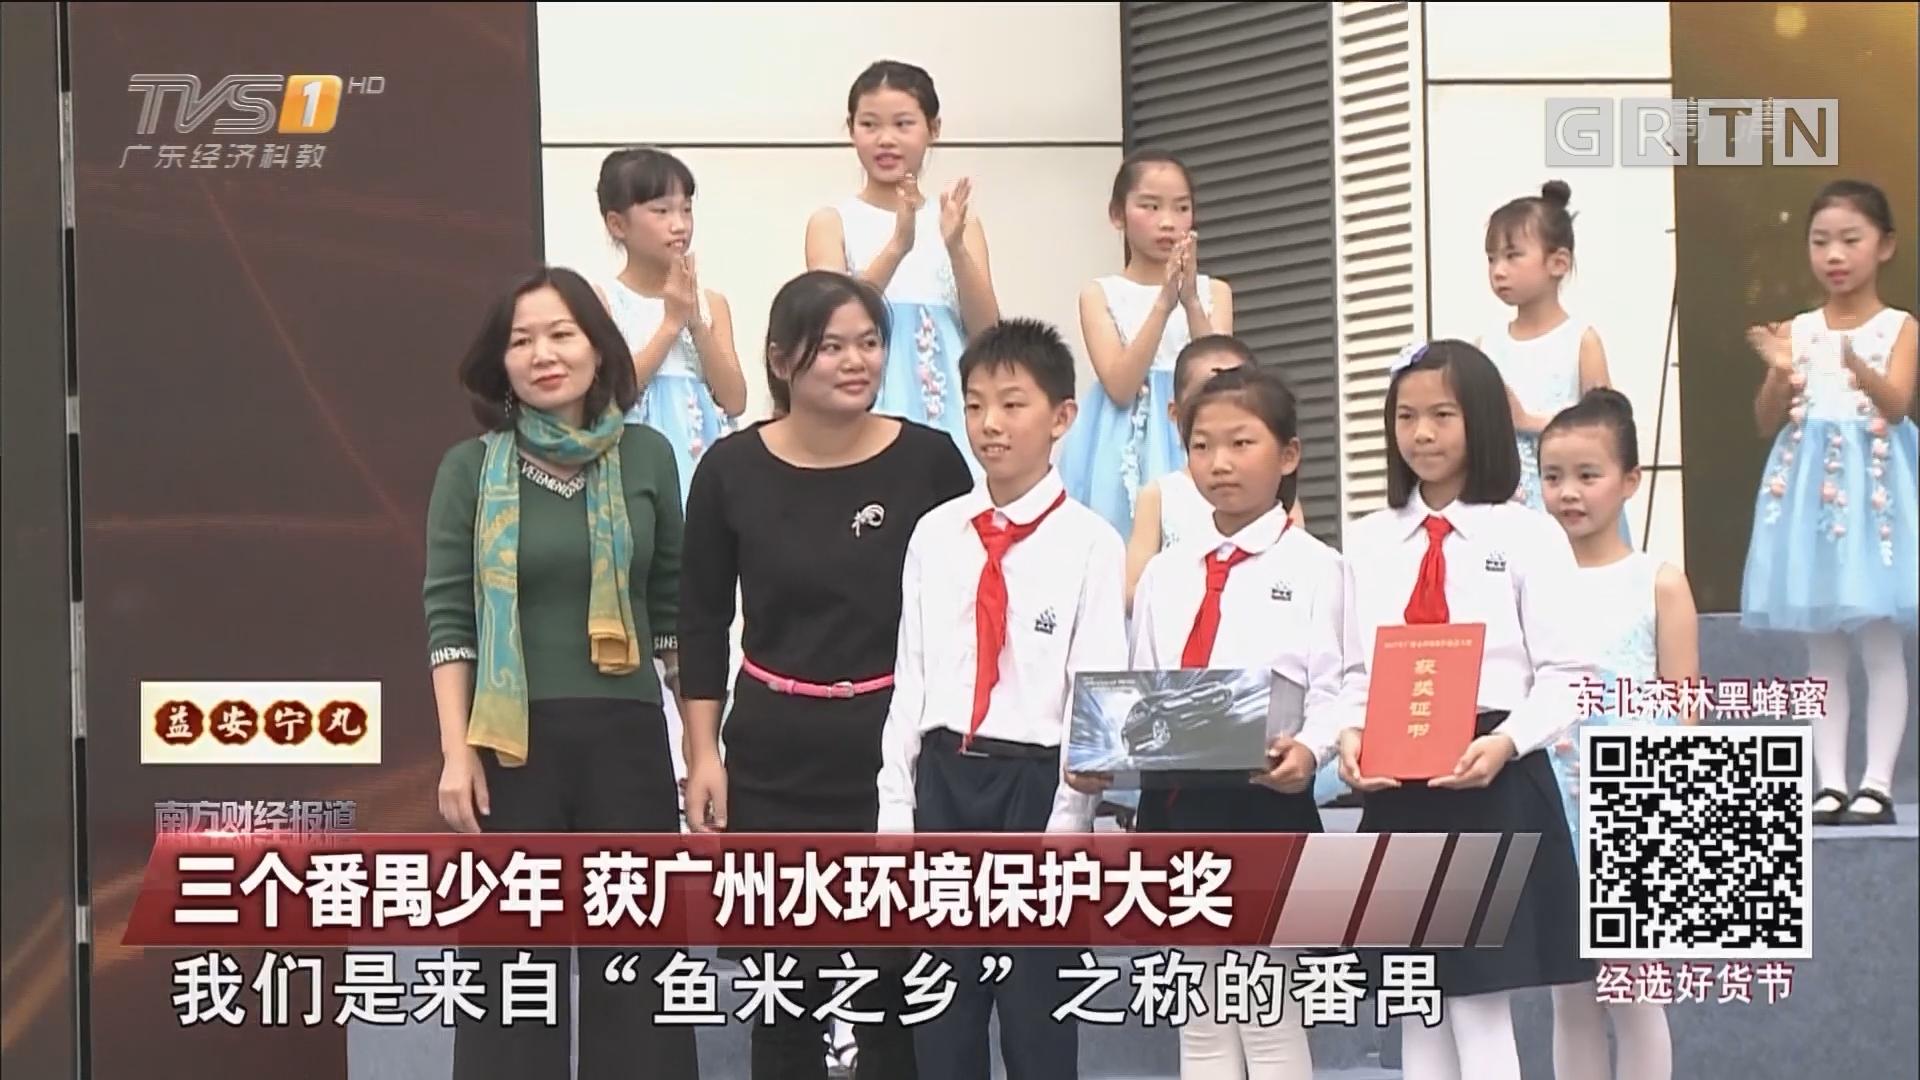 三个番禺少年 获广州水环境保护大奖